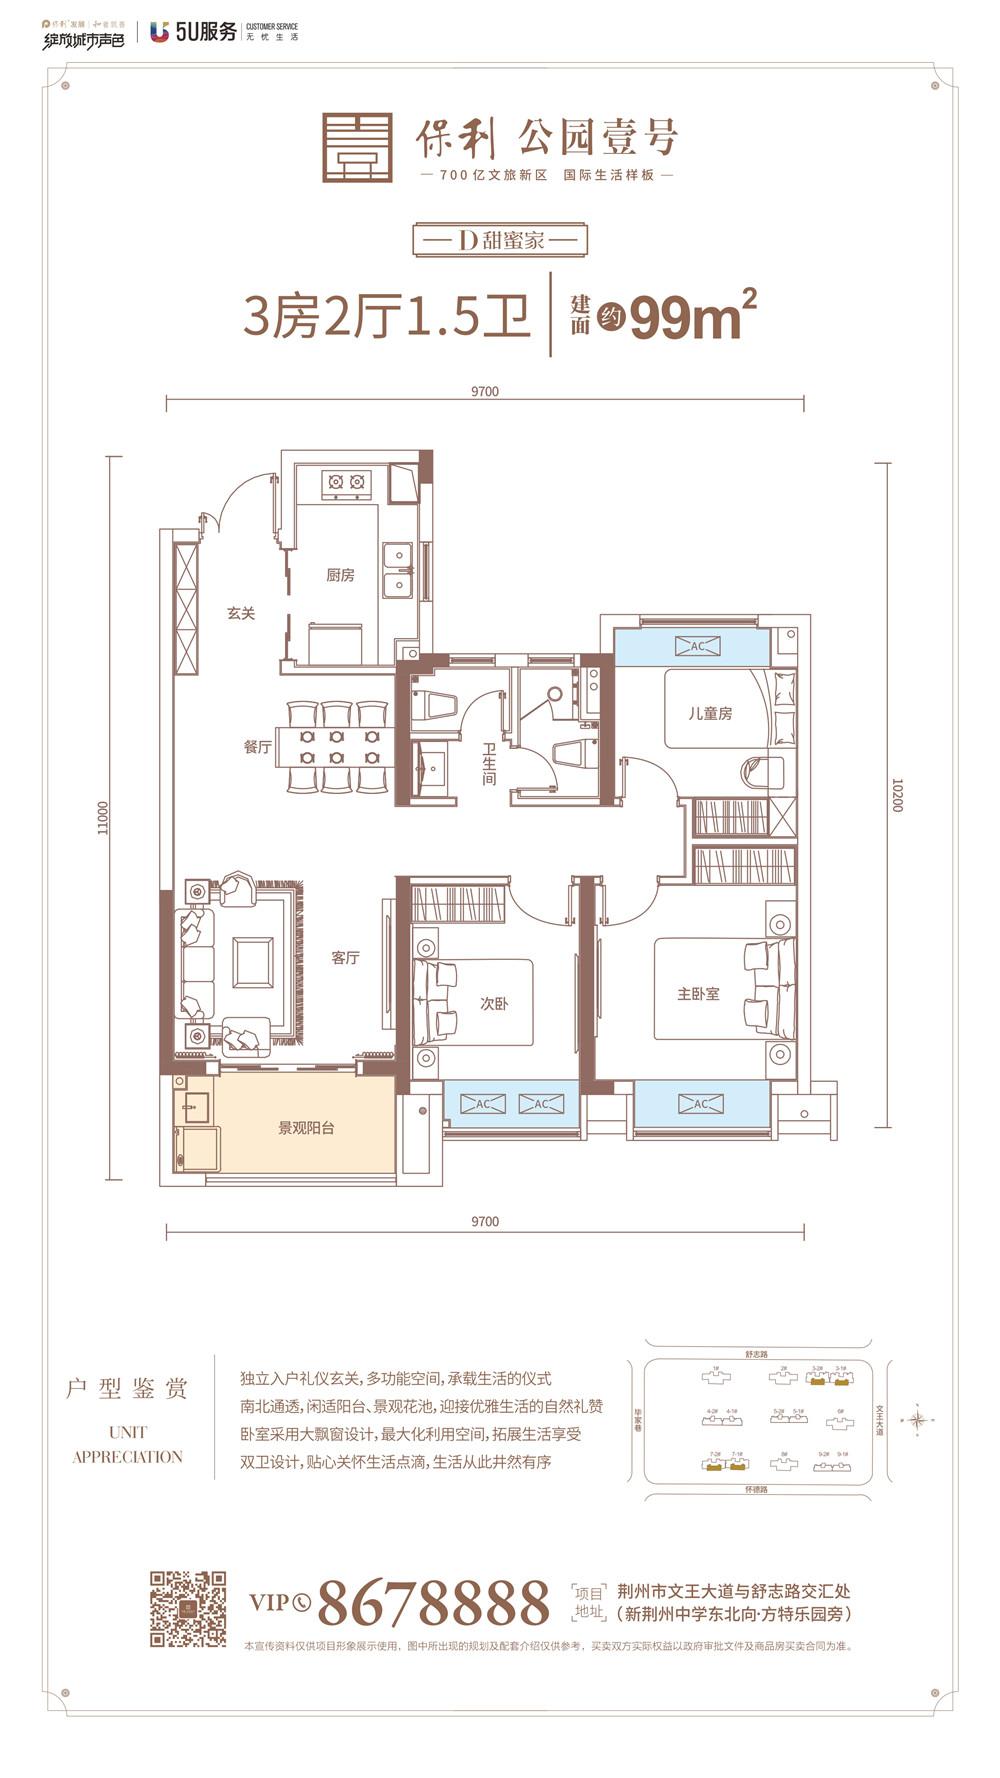 保利公园壹号D户型-2室2厅户型图